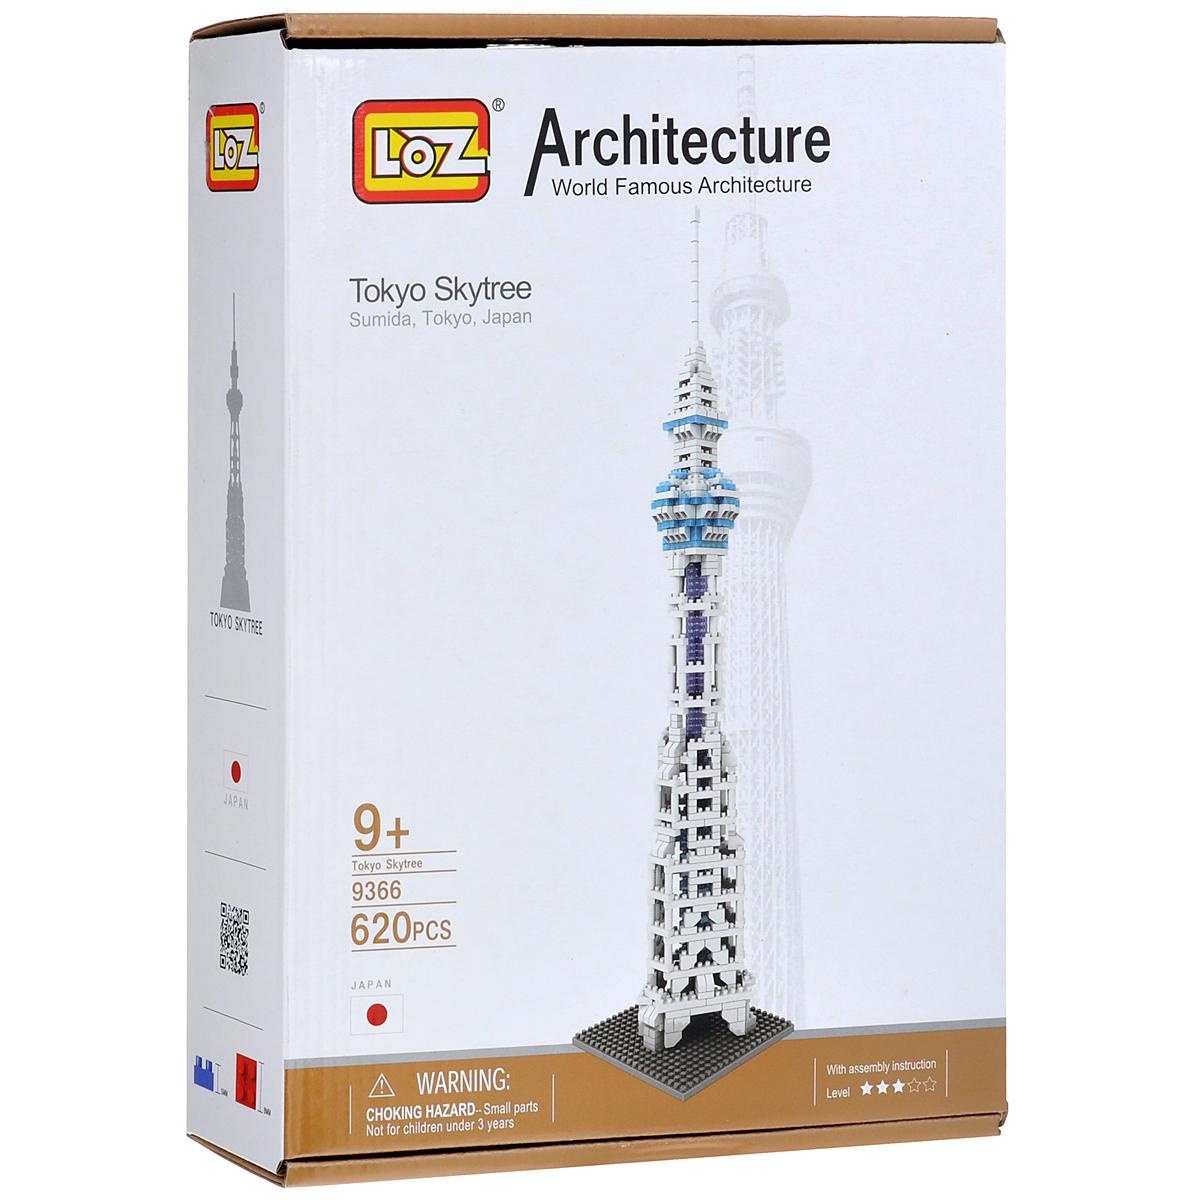 Loztoys Конструктор Телебашня Токио Skytree9366Конструктор-макет Телебашня Токио Skytree - прекрасный способ провести время увлекательно и с пользой. Комплект включает в себя 620 элементов, из которых вы и ваш ребенок сможете собрать модель телебашни, которая находится в Токио. Для сборки модели клей и ножницы не понадобятся. Элементы оснащены пазами для легкого соединения. В комплект входит схематичная инструкция по сборке. Телебашня Токио Skytree - телевизионная башня в районе Сумида, Токио, Япония, самая высокая среди телебашен мира. Второе по высоте сооружение в мире после Бурдж-Халифа. Во время строительства башня была известна под названием Новая Токийская башня. Название Tokyo Sky Tree было выбрано по итогам конкурса, который проходил в интернете с апреля по май 2008 года. Высота телебашни вместе с антенной составляет 634 метра, что почти в два раза выше Токийской телевизионной башни. Высота башни была выбрана так, чтобы цифры: 6 (на старом японском му), 3 (са), 4 (си) были созвучны Мусаси -...